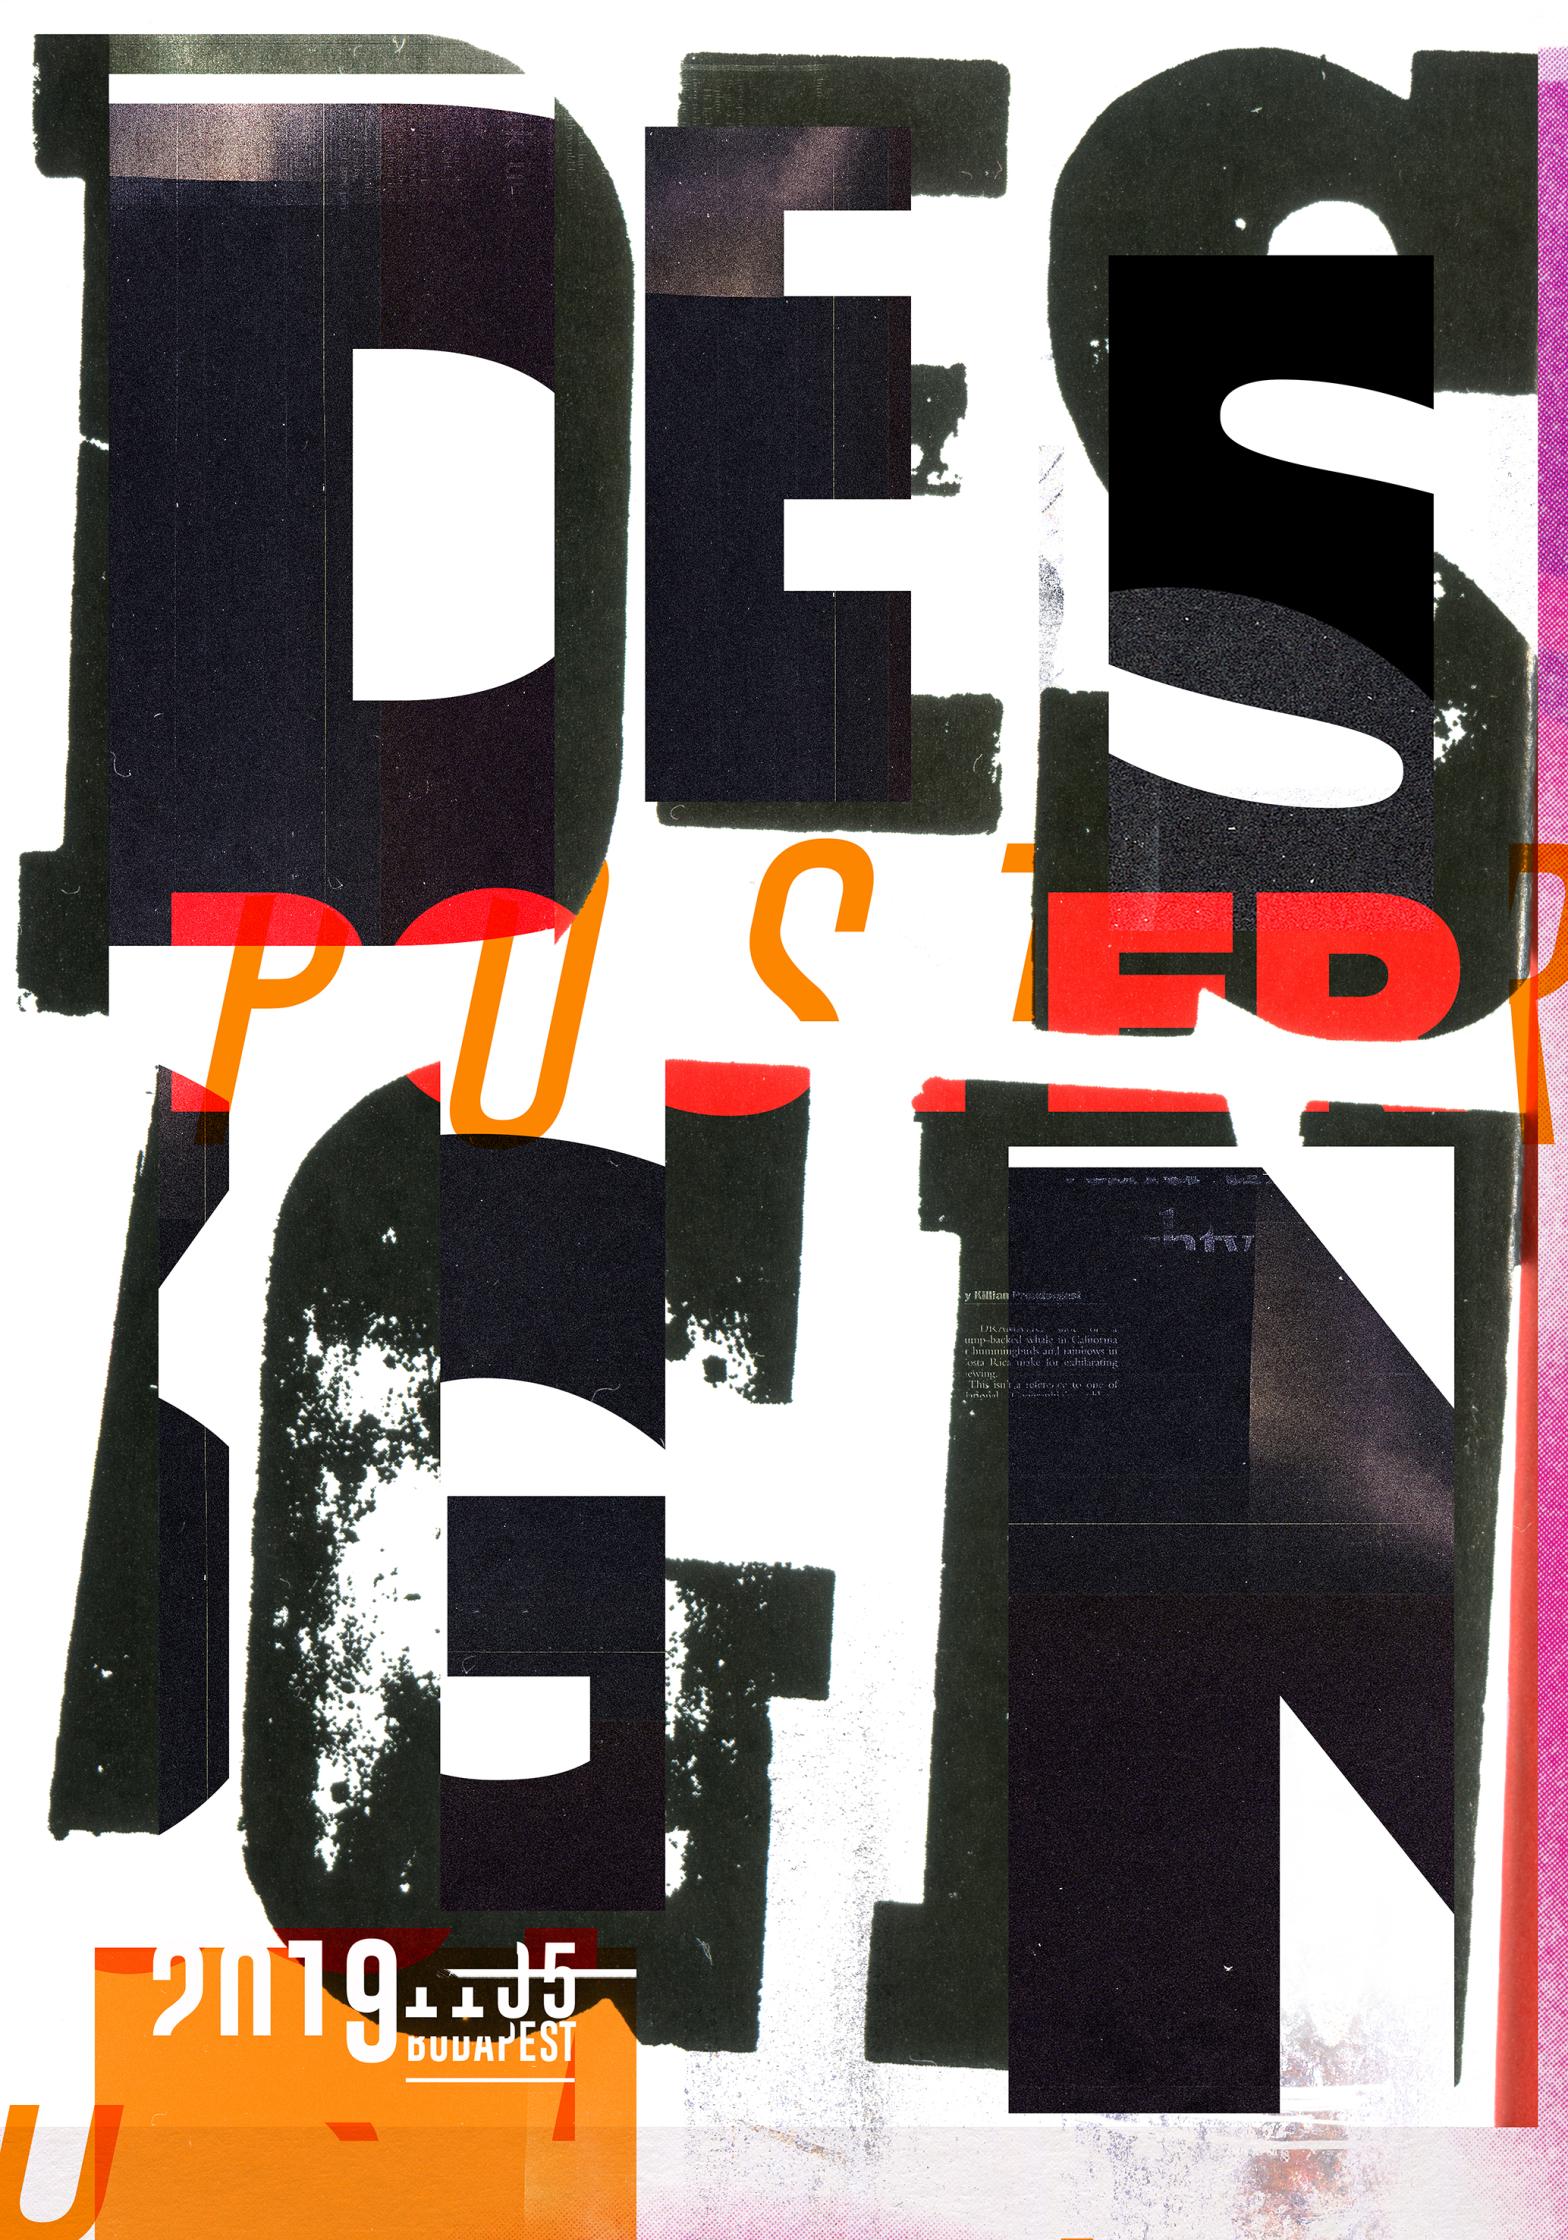 design poster.jpg